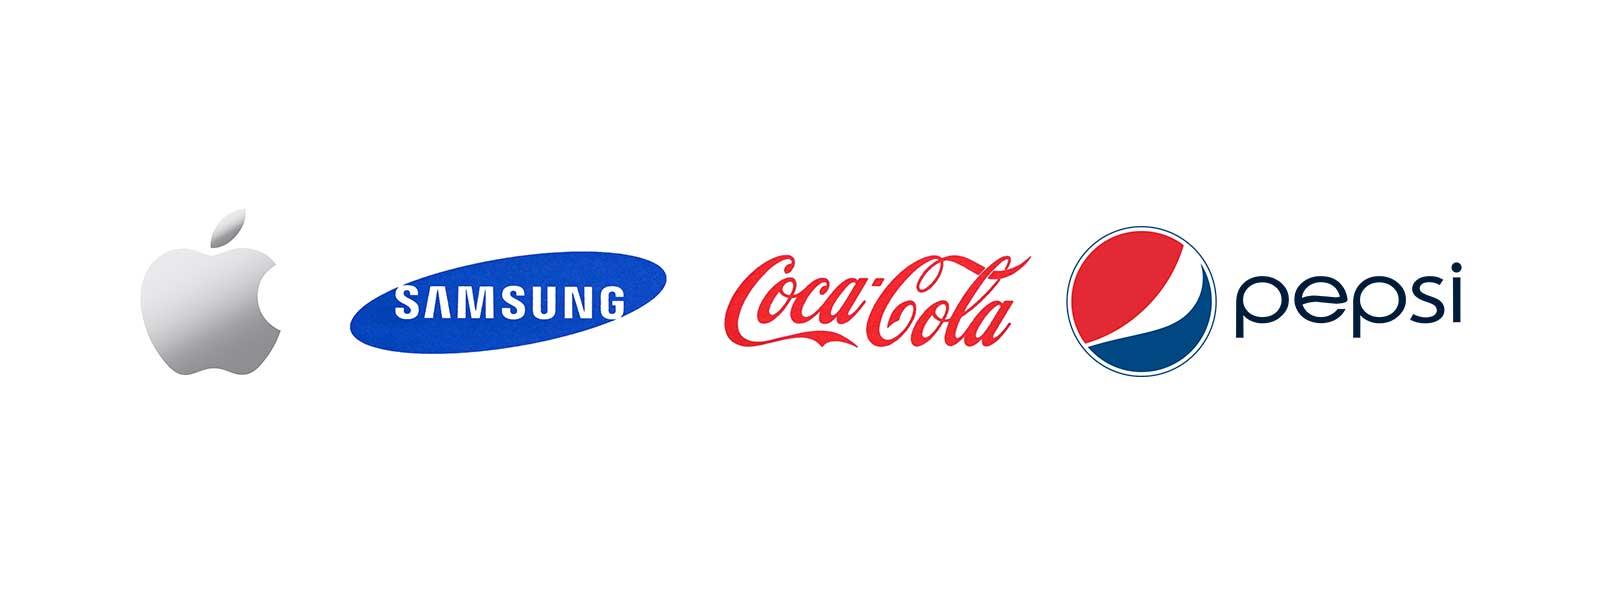 Il tono di voce: anche i brand parlano